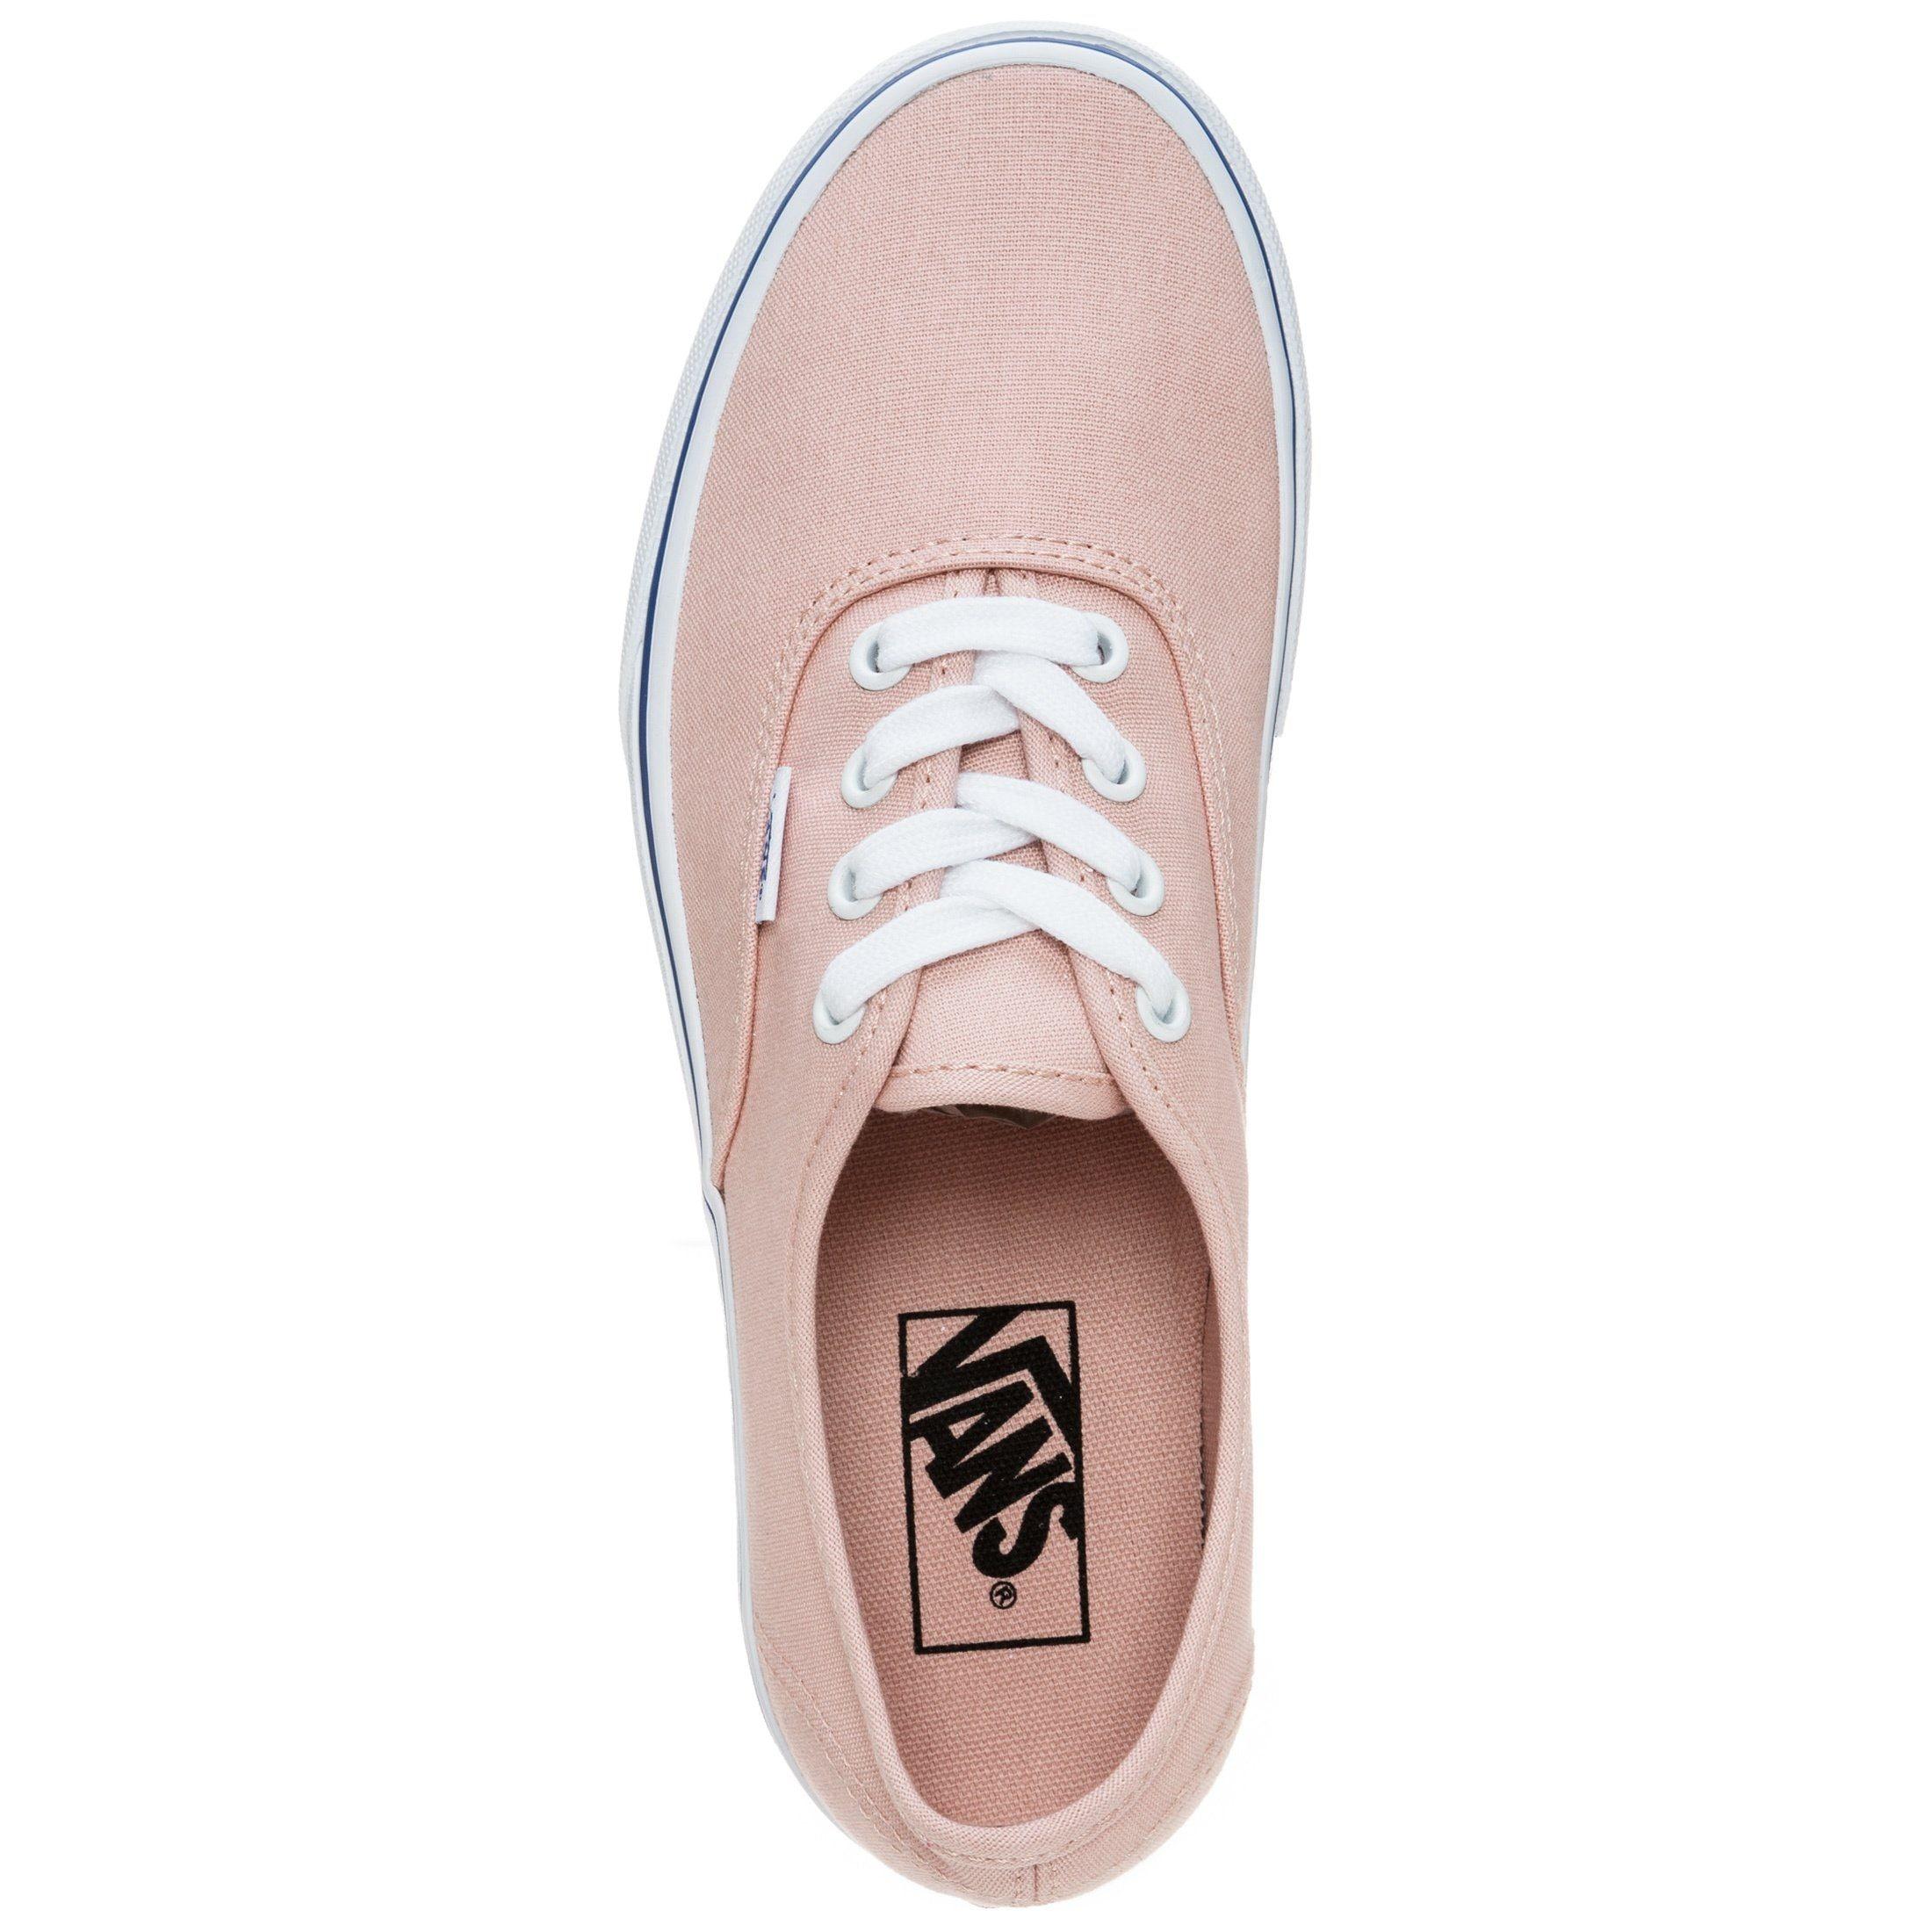 Vans Sneaker Authentic Platform 2.0 online bestellen | Gutes Gutes Gutes Preis-Leistungs-Verhältnis, es lohnt sich f3aa1e